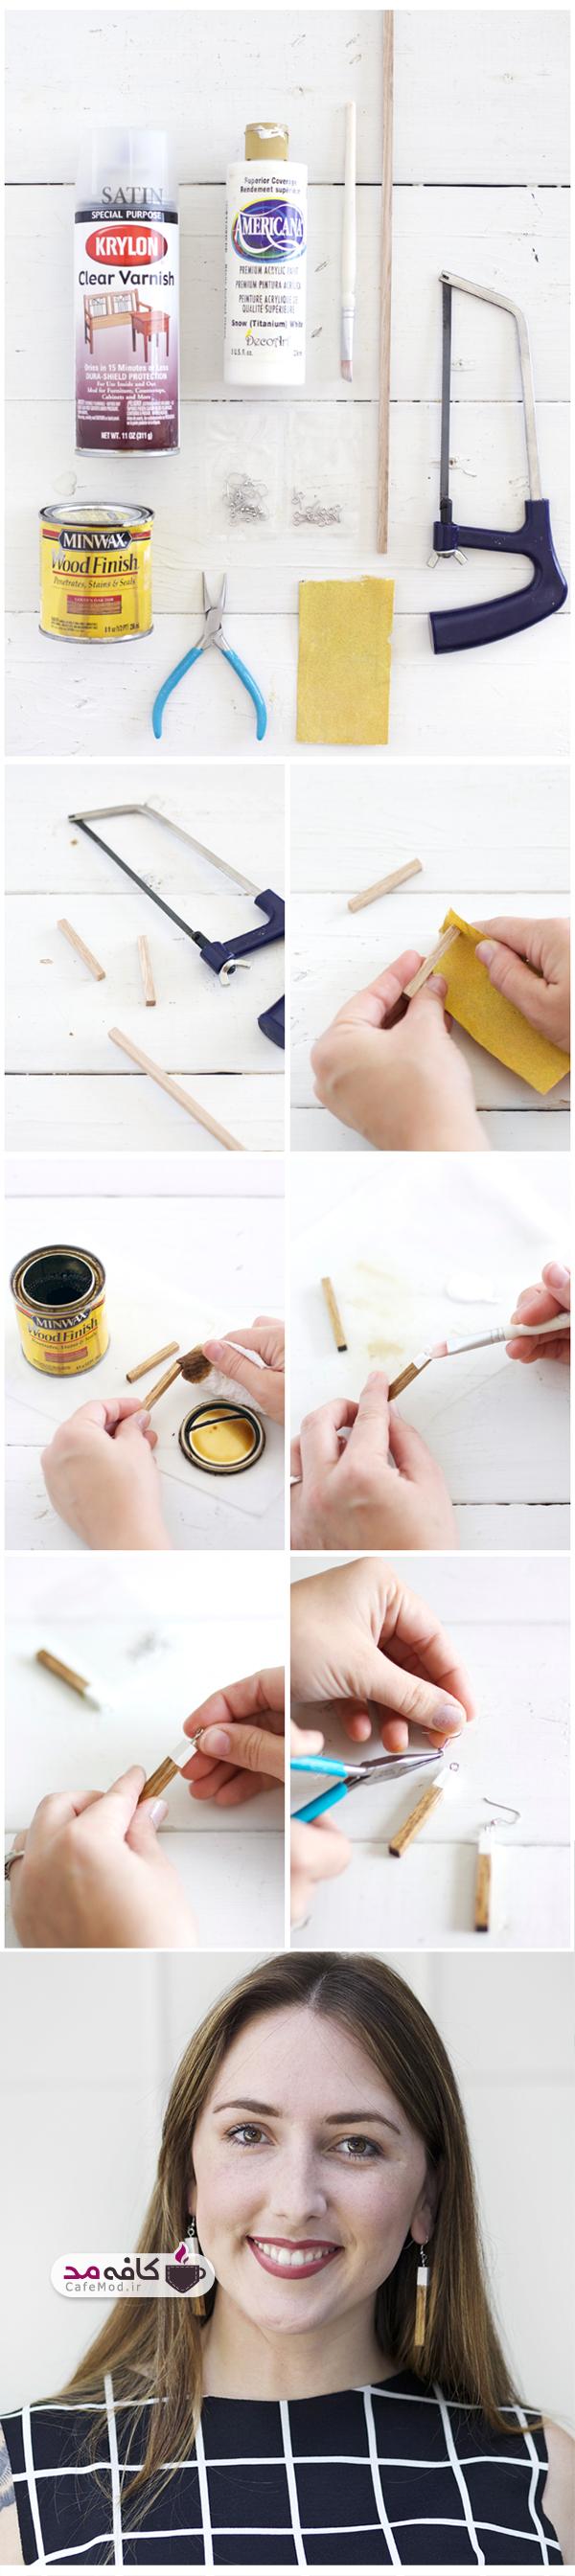 آموزش ساخت گوشواره چوبی